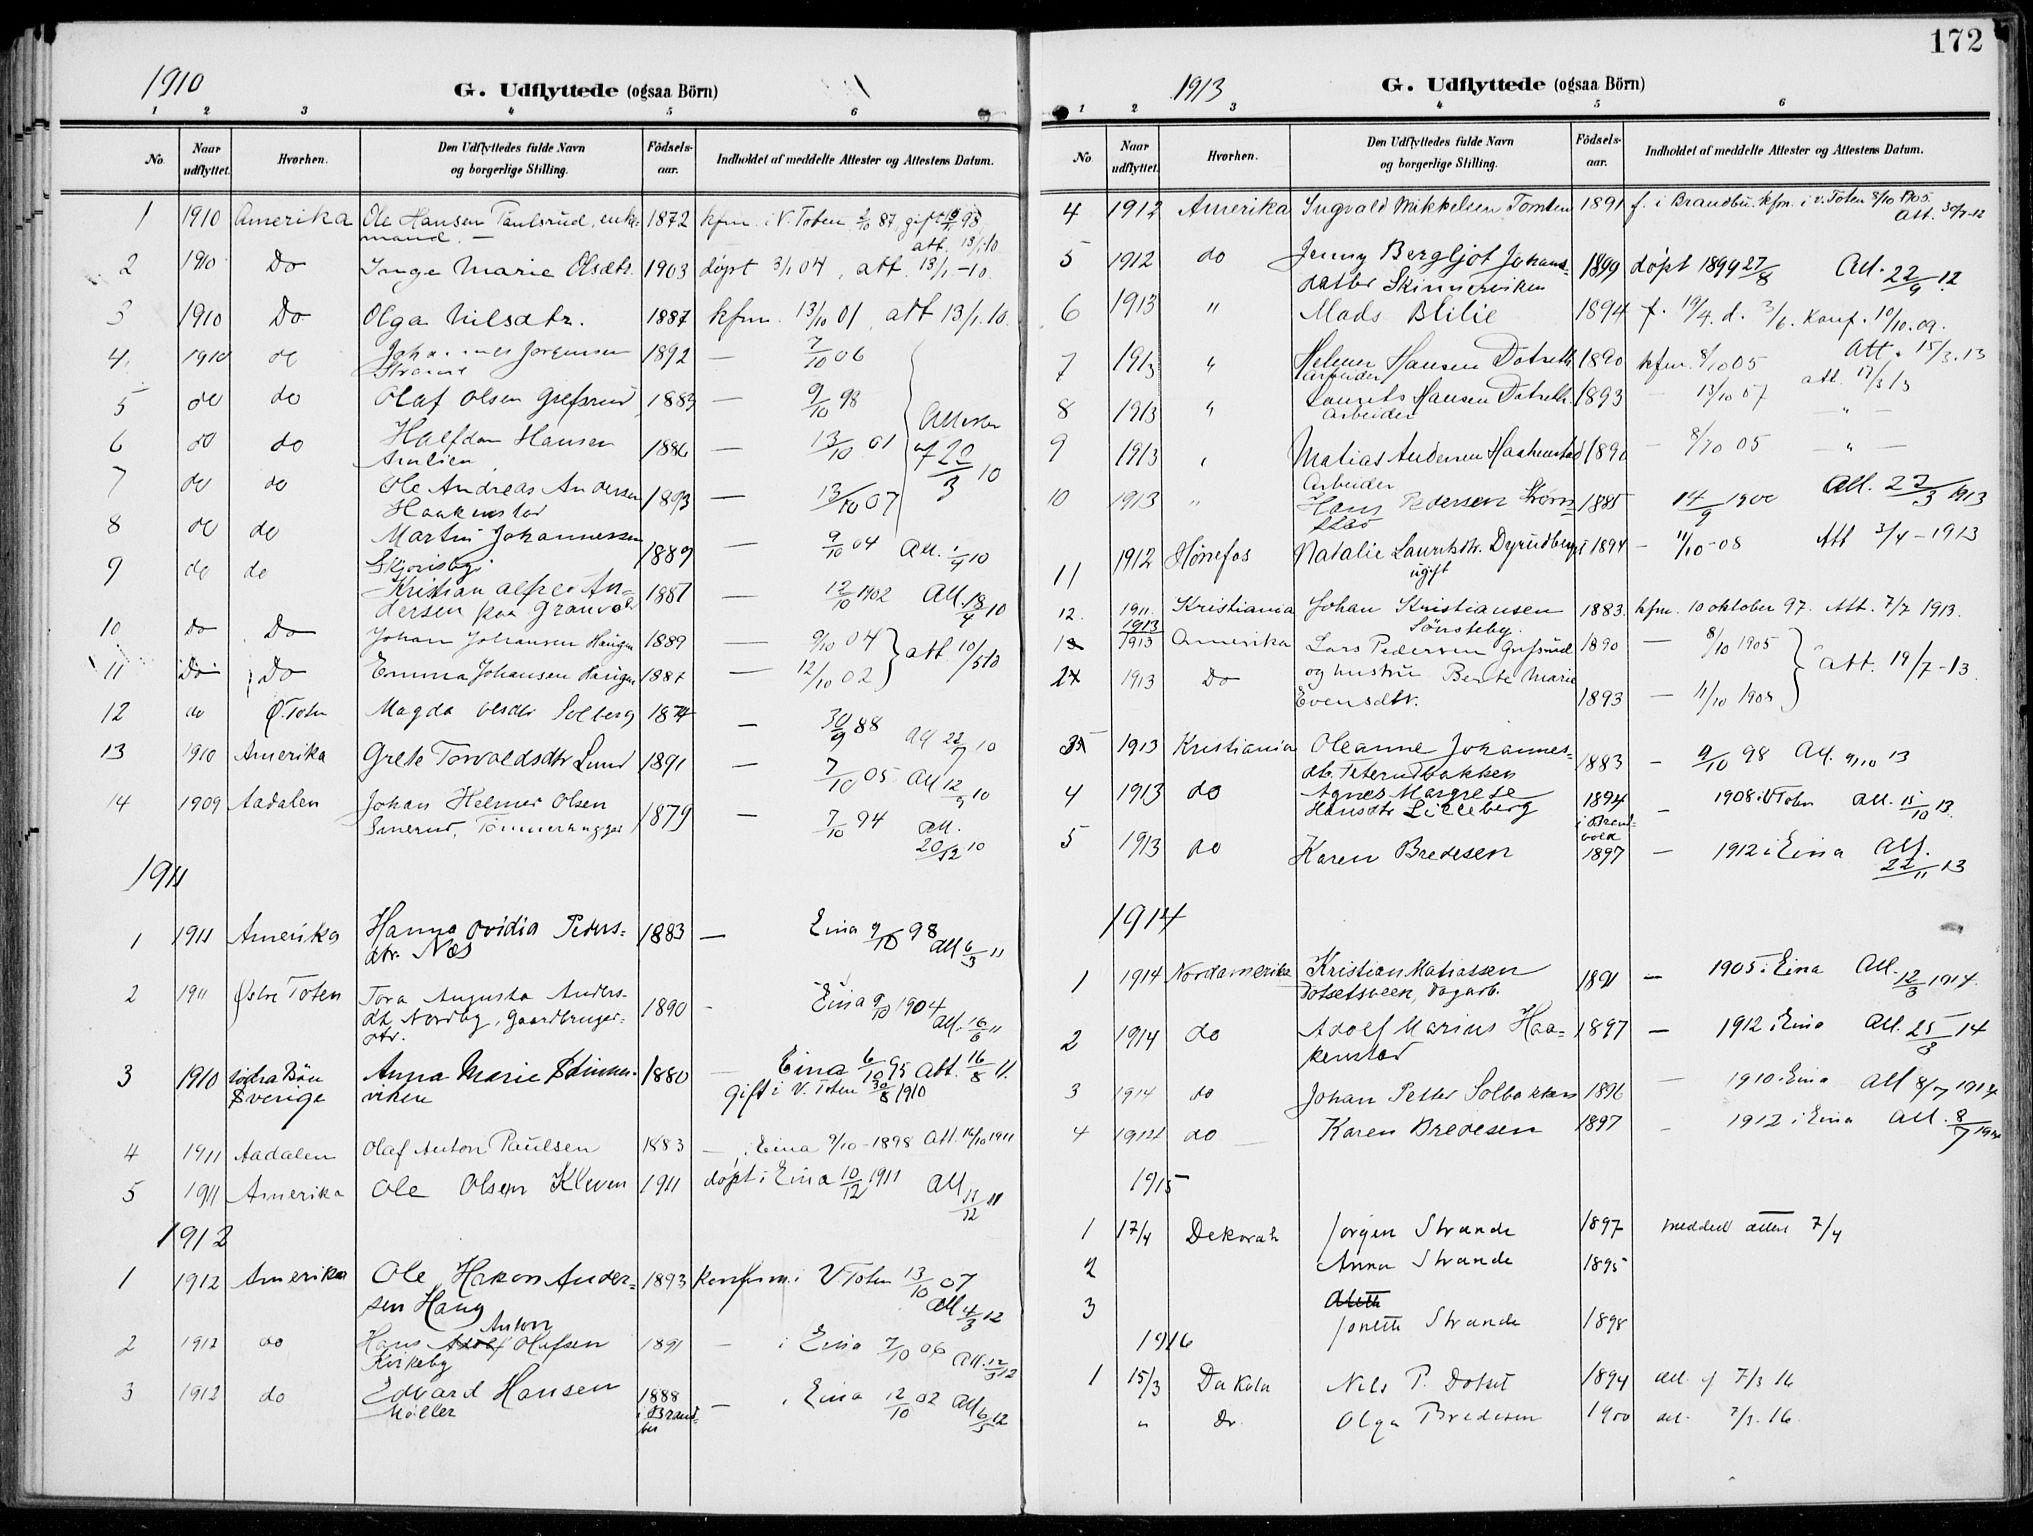 SAH, Kolbu prestekontor, Ministerialbok nr. 1, 1907-1923, s. 172